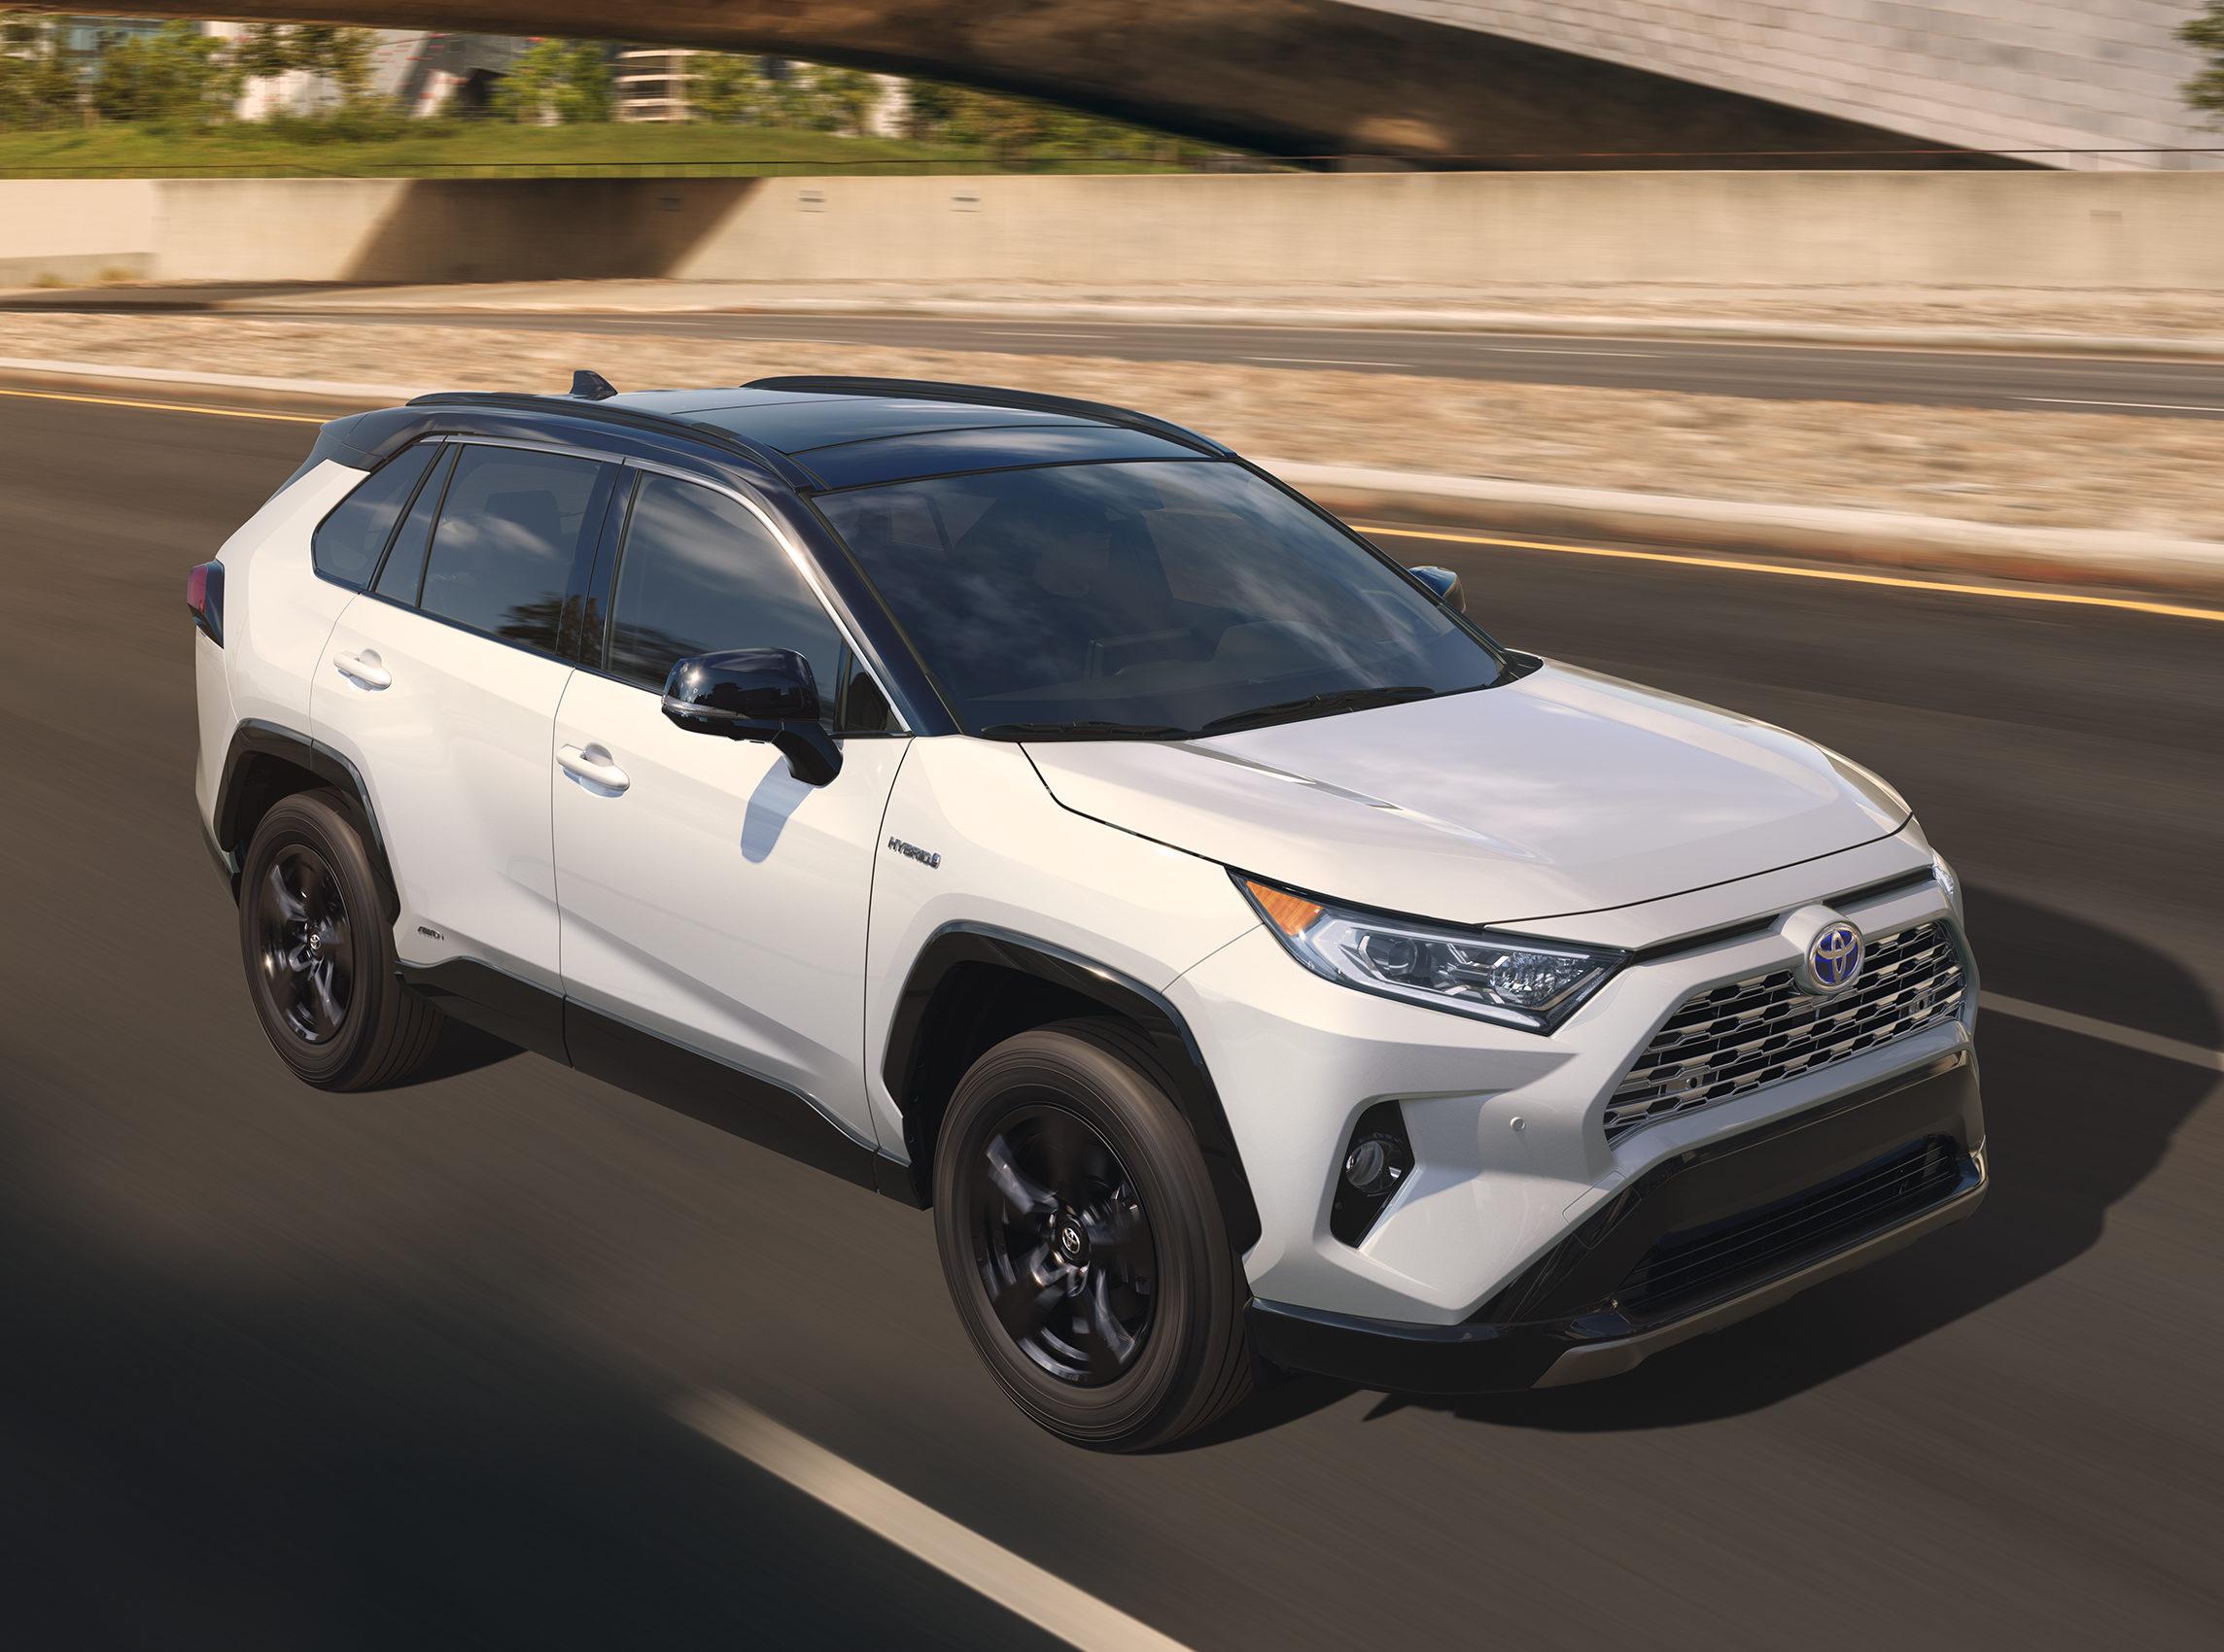 Novelis 2019 Toyota Rav4 4 Lighter